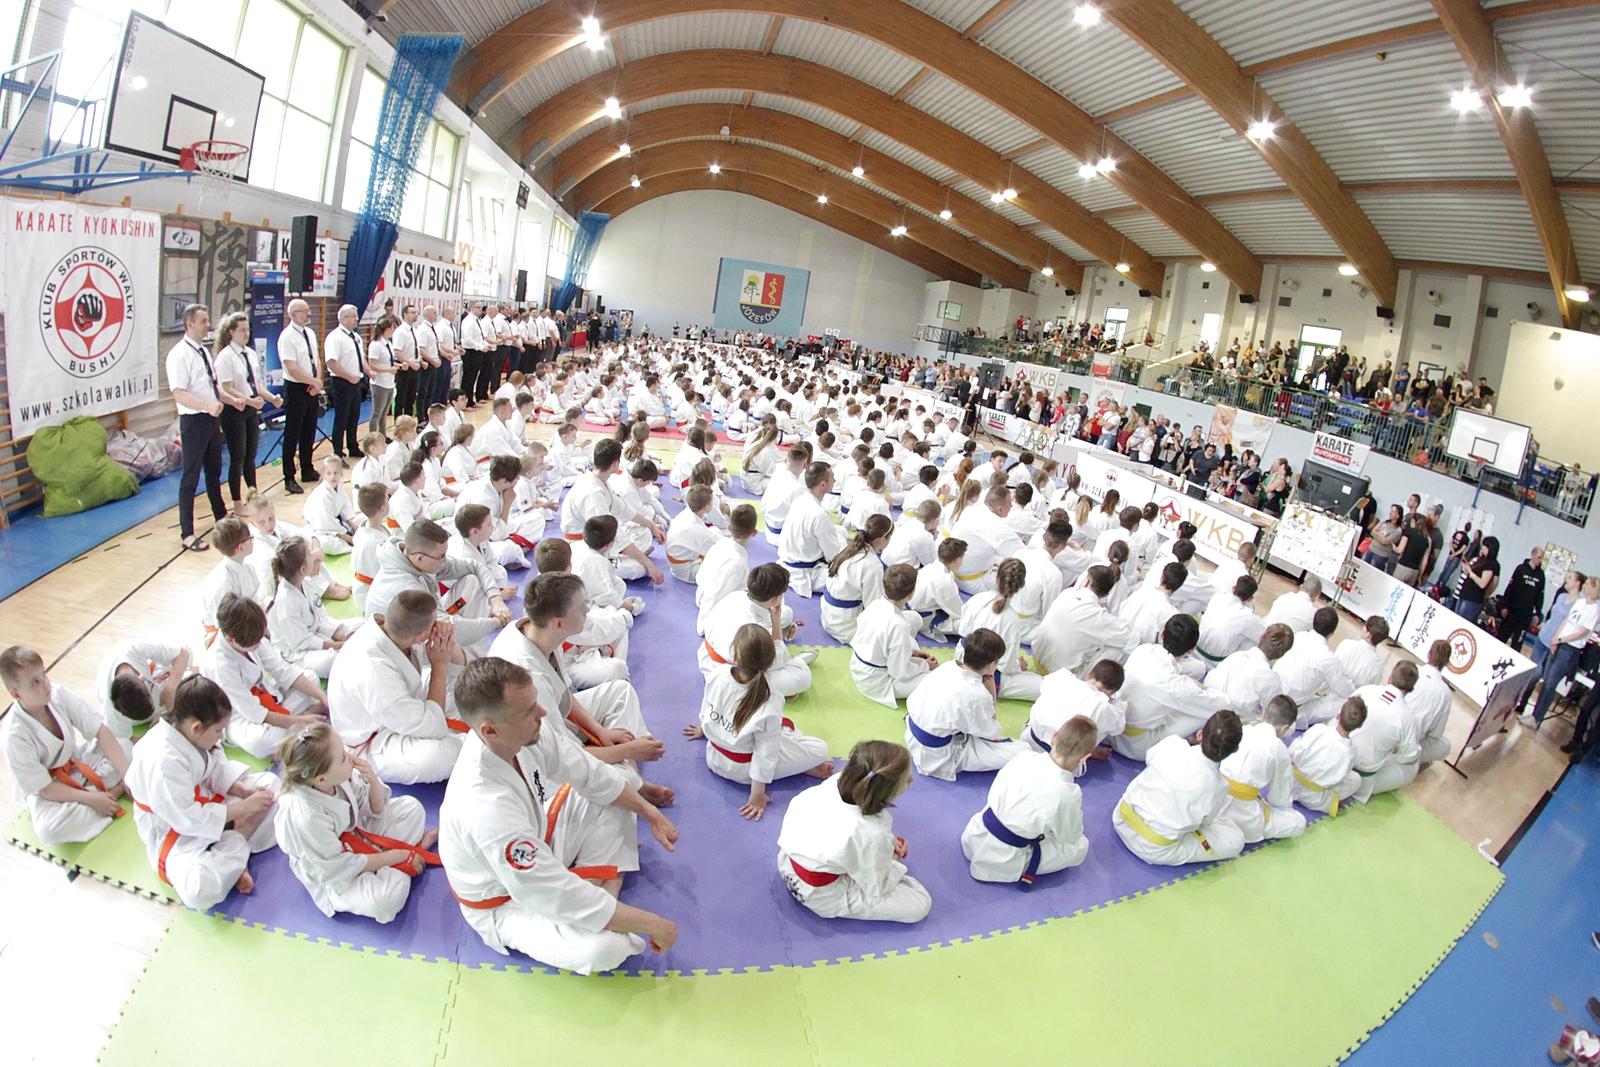 XX Turniej KSW Bushi w Józefowie